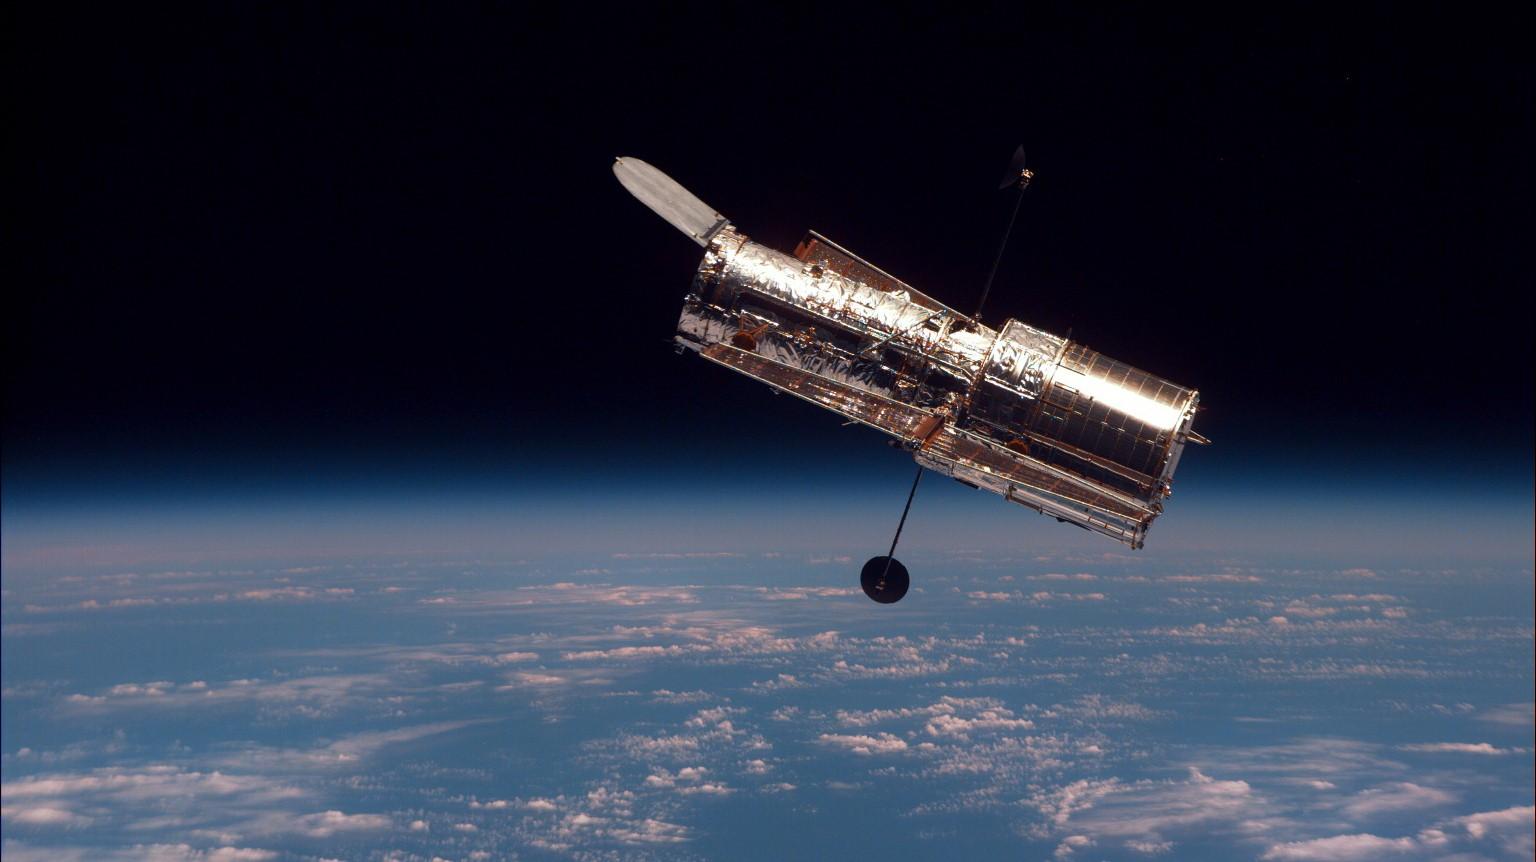 Το τηλεσκόπιο Hubble έγινε 25 χρονών: Οι πέντε σημαντικότερες ανακαλύψεις του